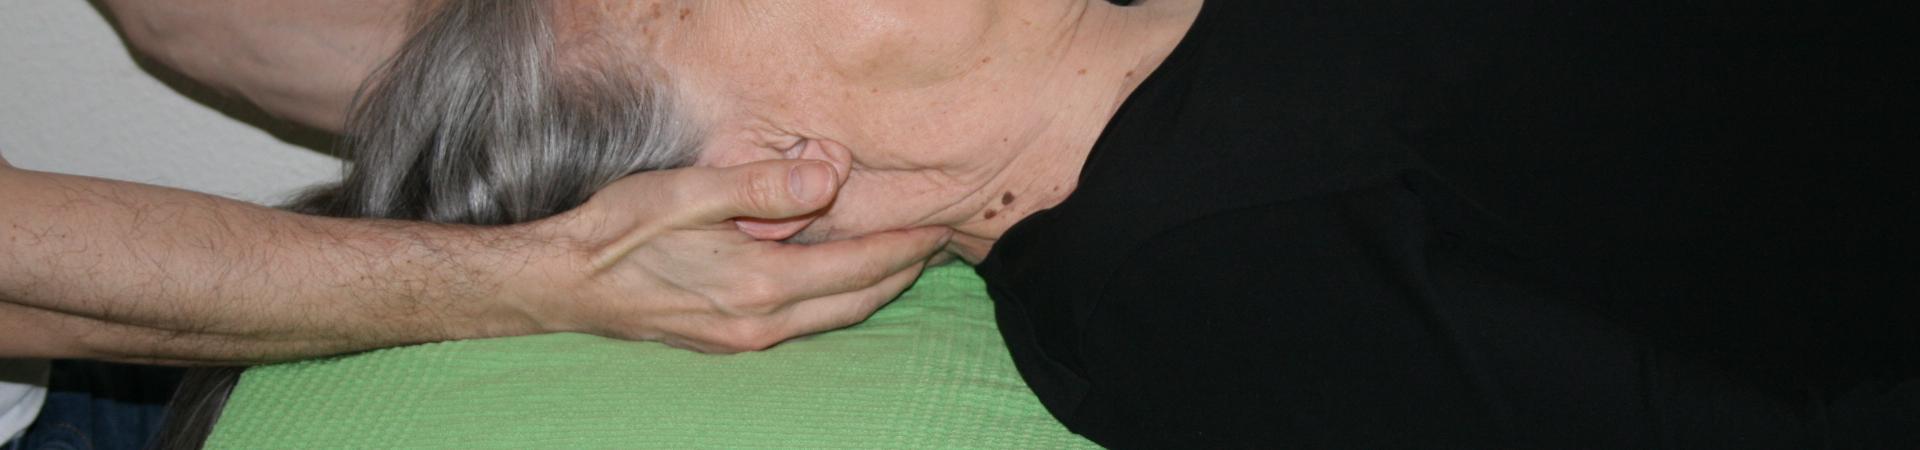 Billedet viser en en klient, der får behandling mod nakkesmerter.